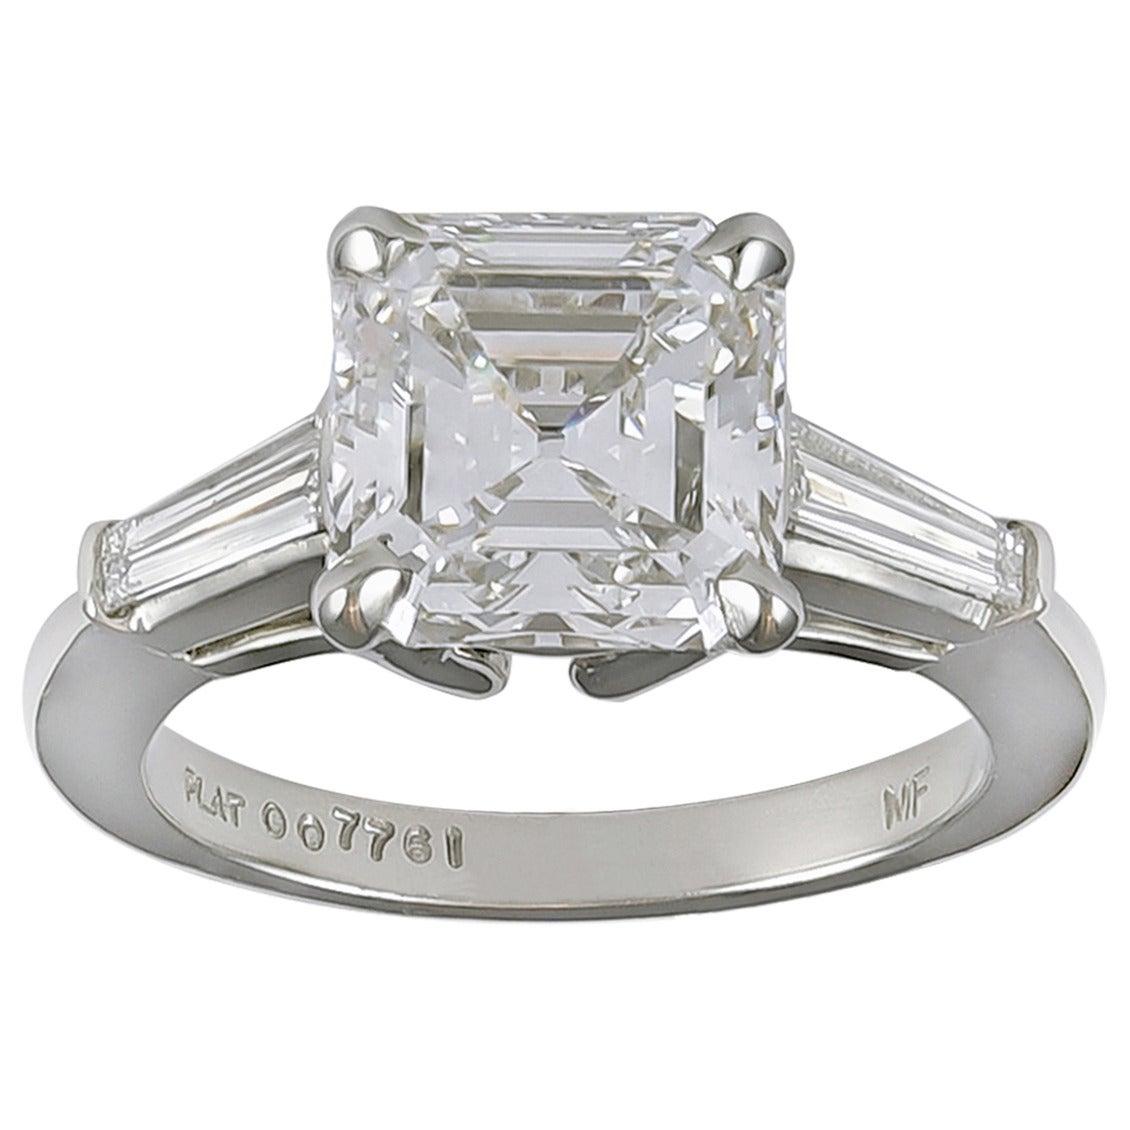 3 carat Asscher cut Diamond 3Stone Engagement Ring